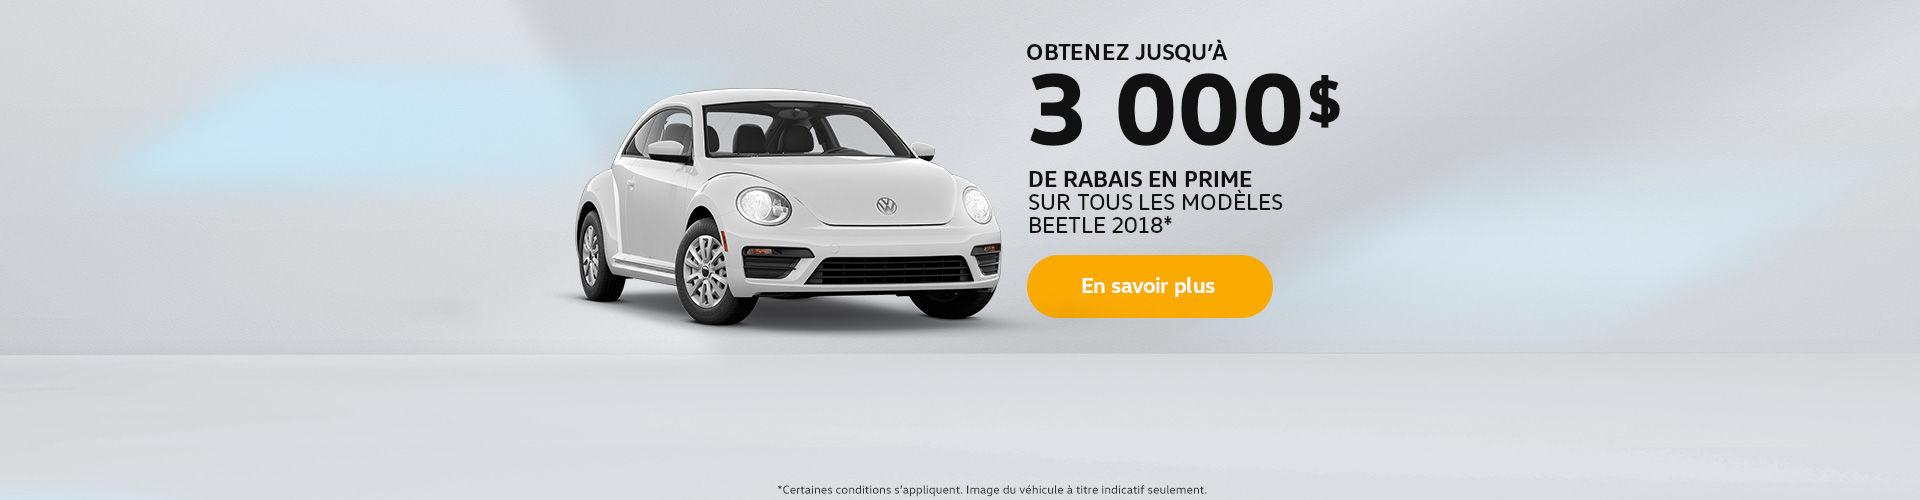 Obtenez la Beetle 2018